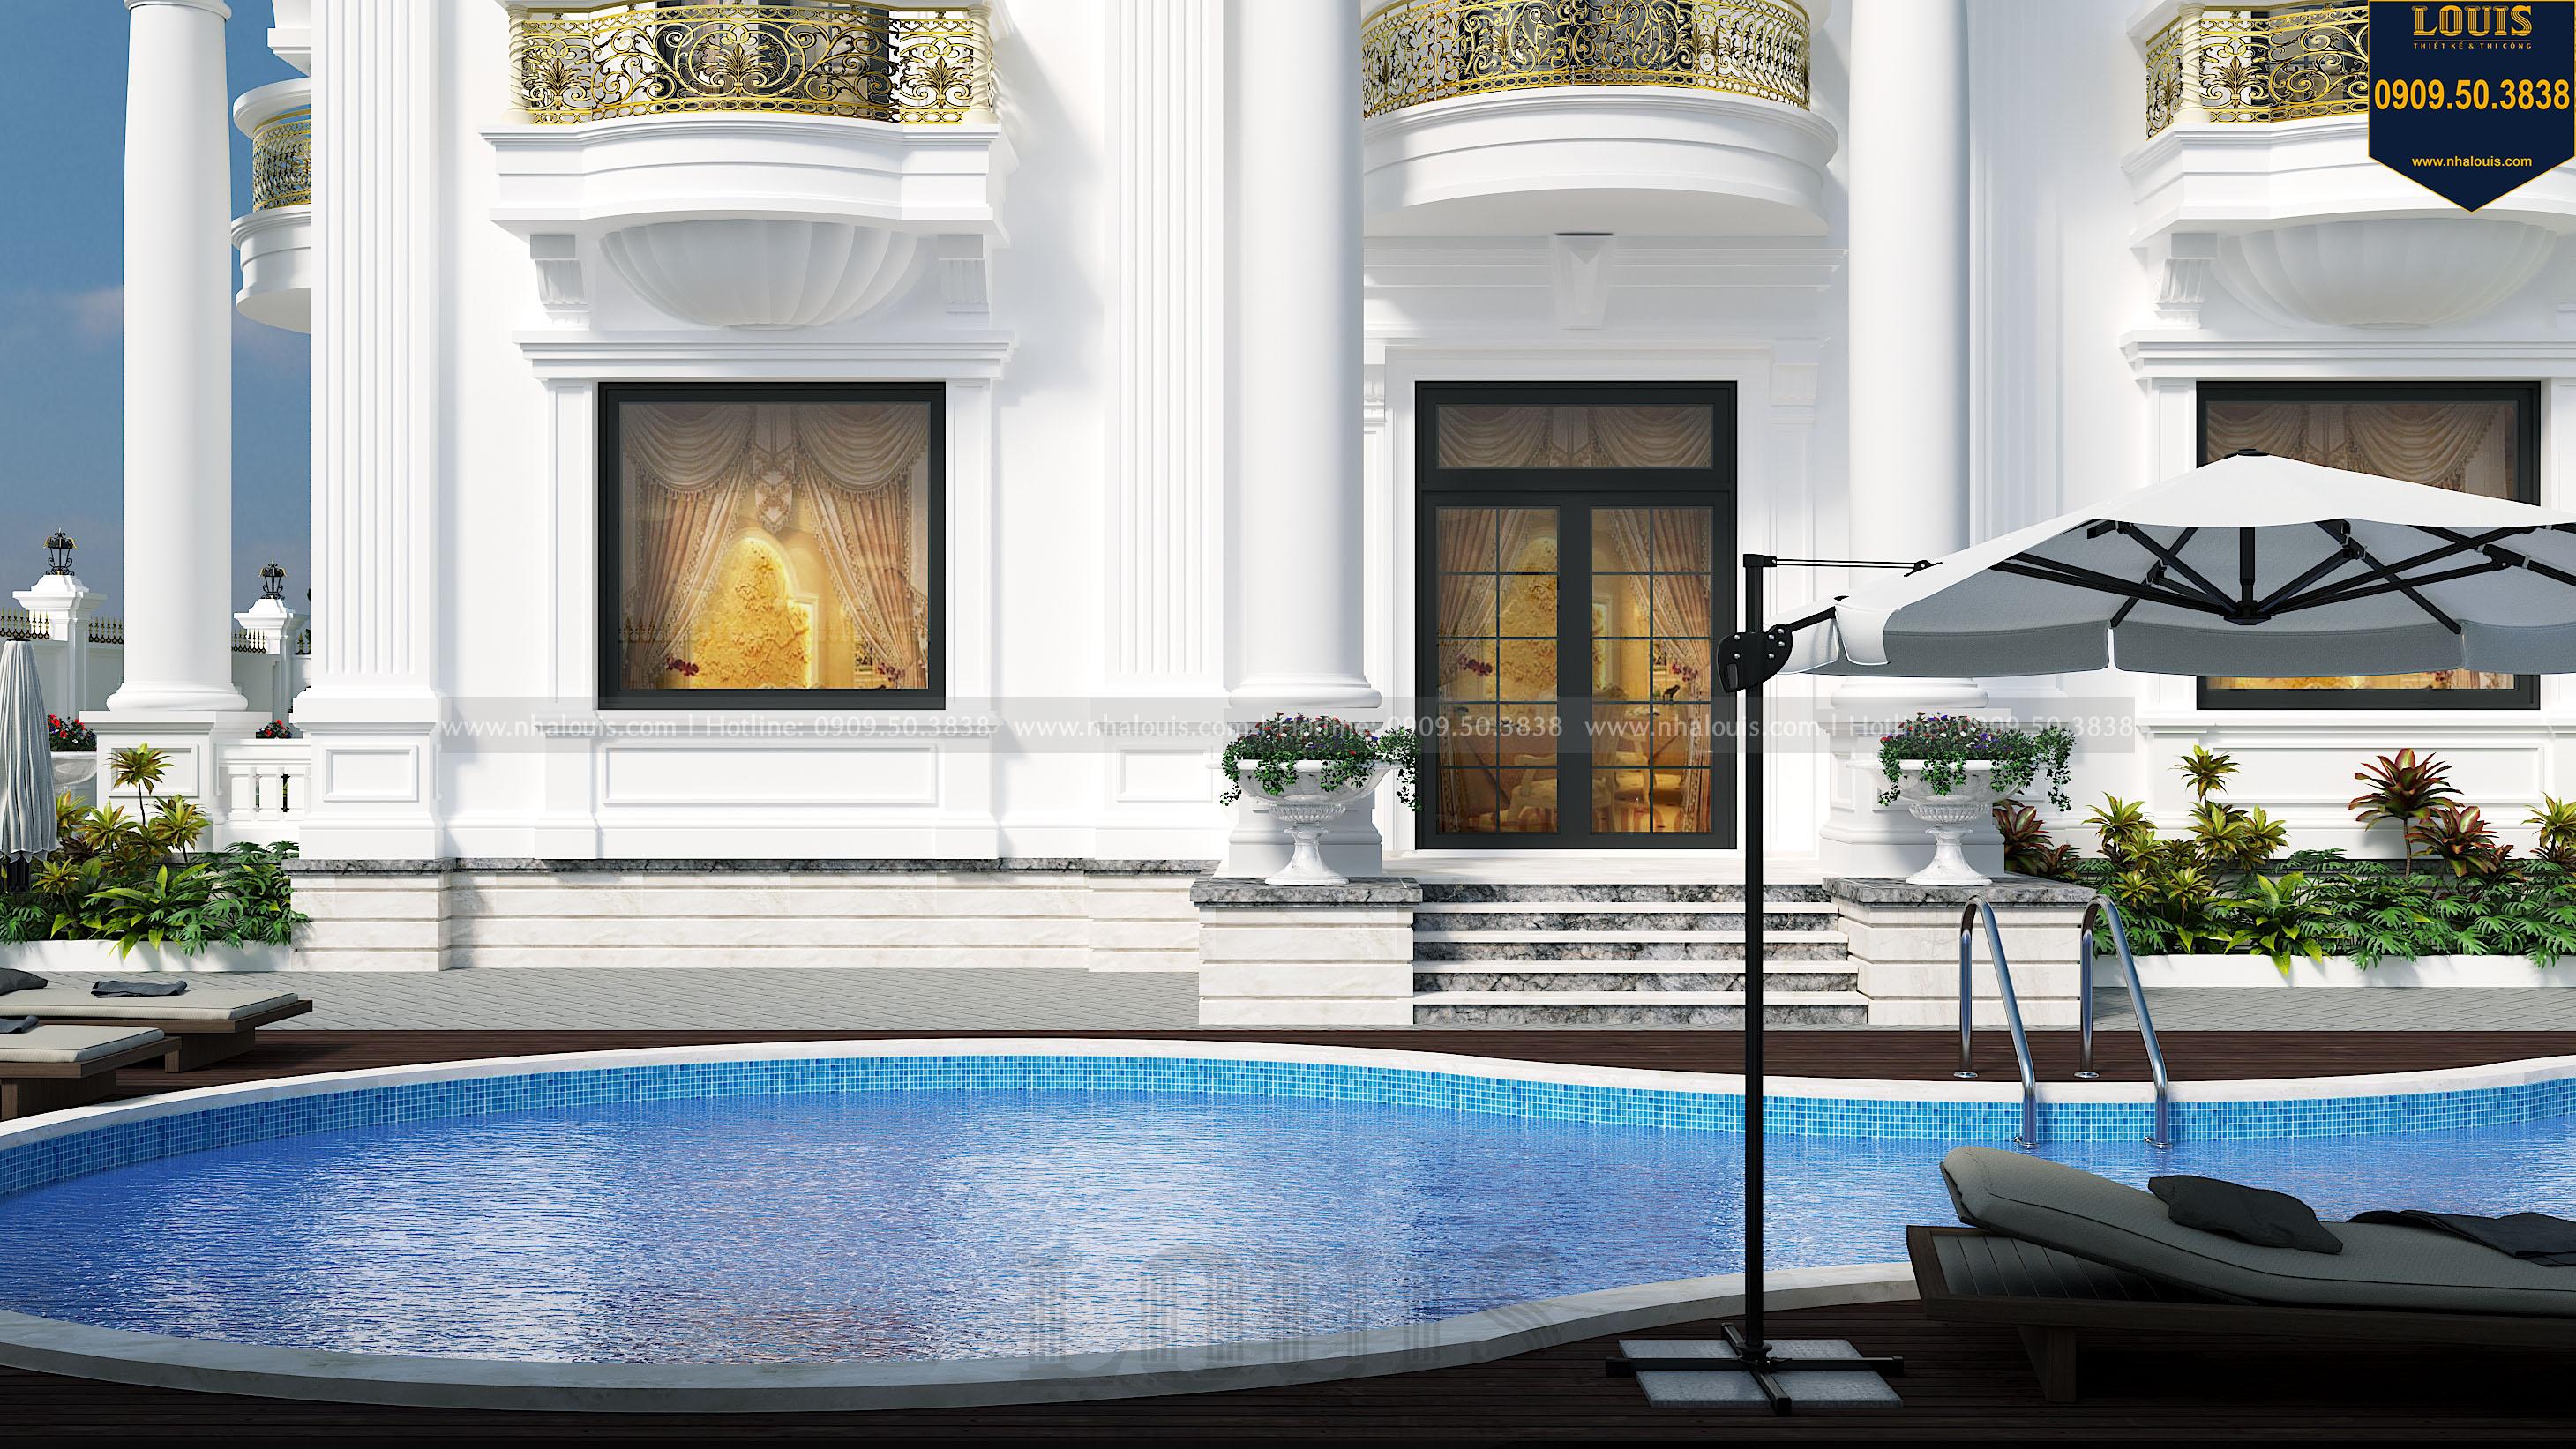 thiết kế hồ bơi biệt thự